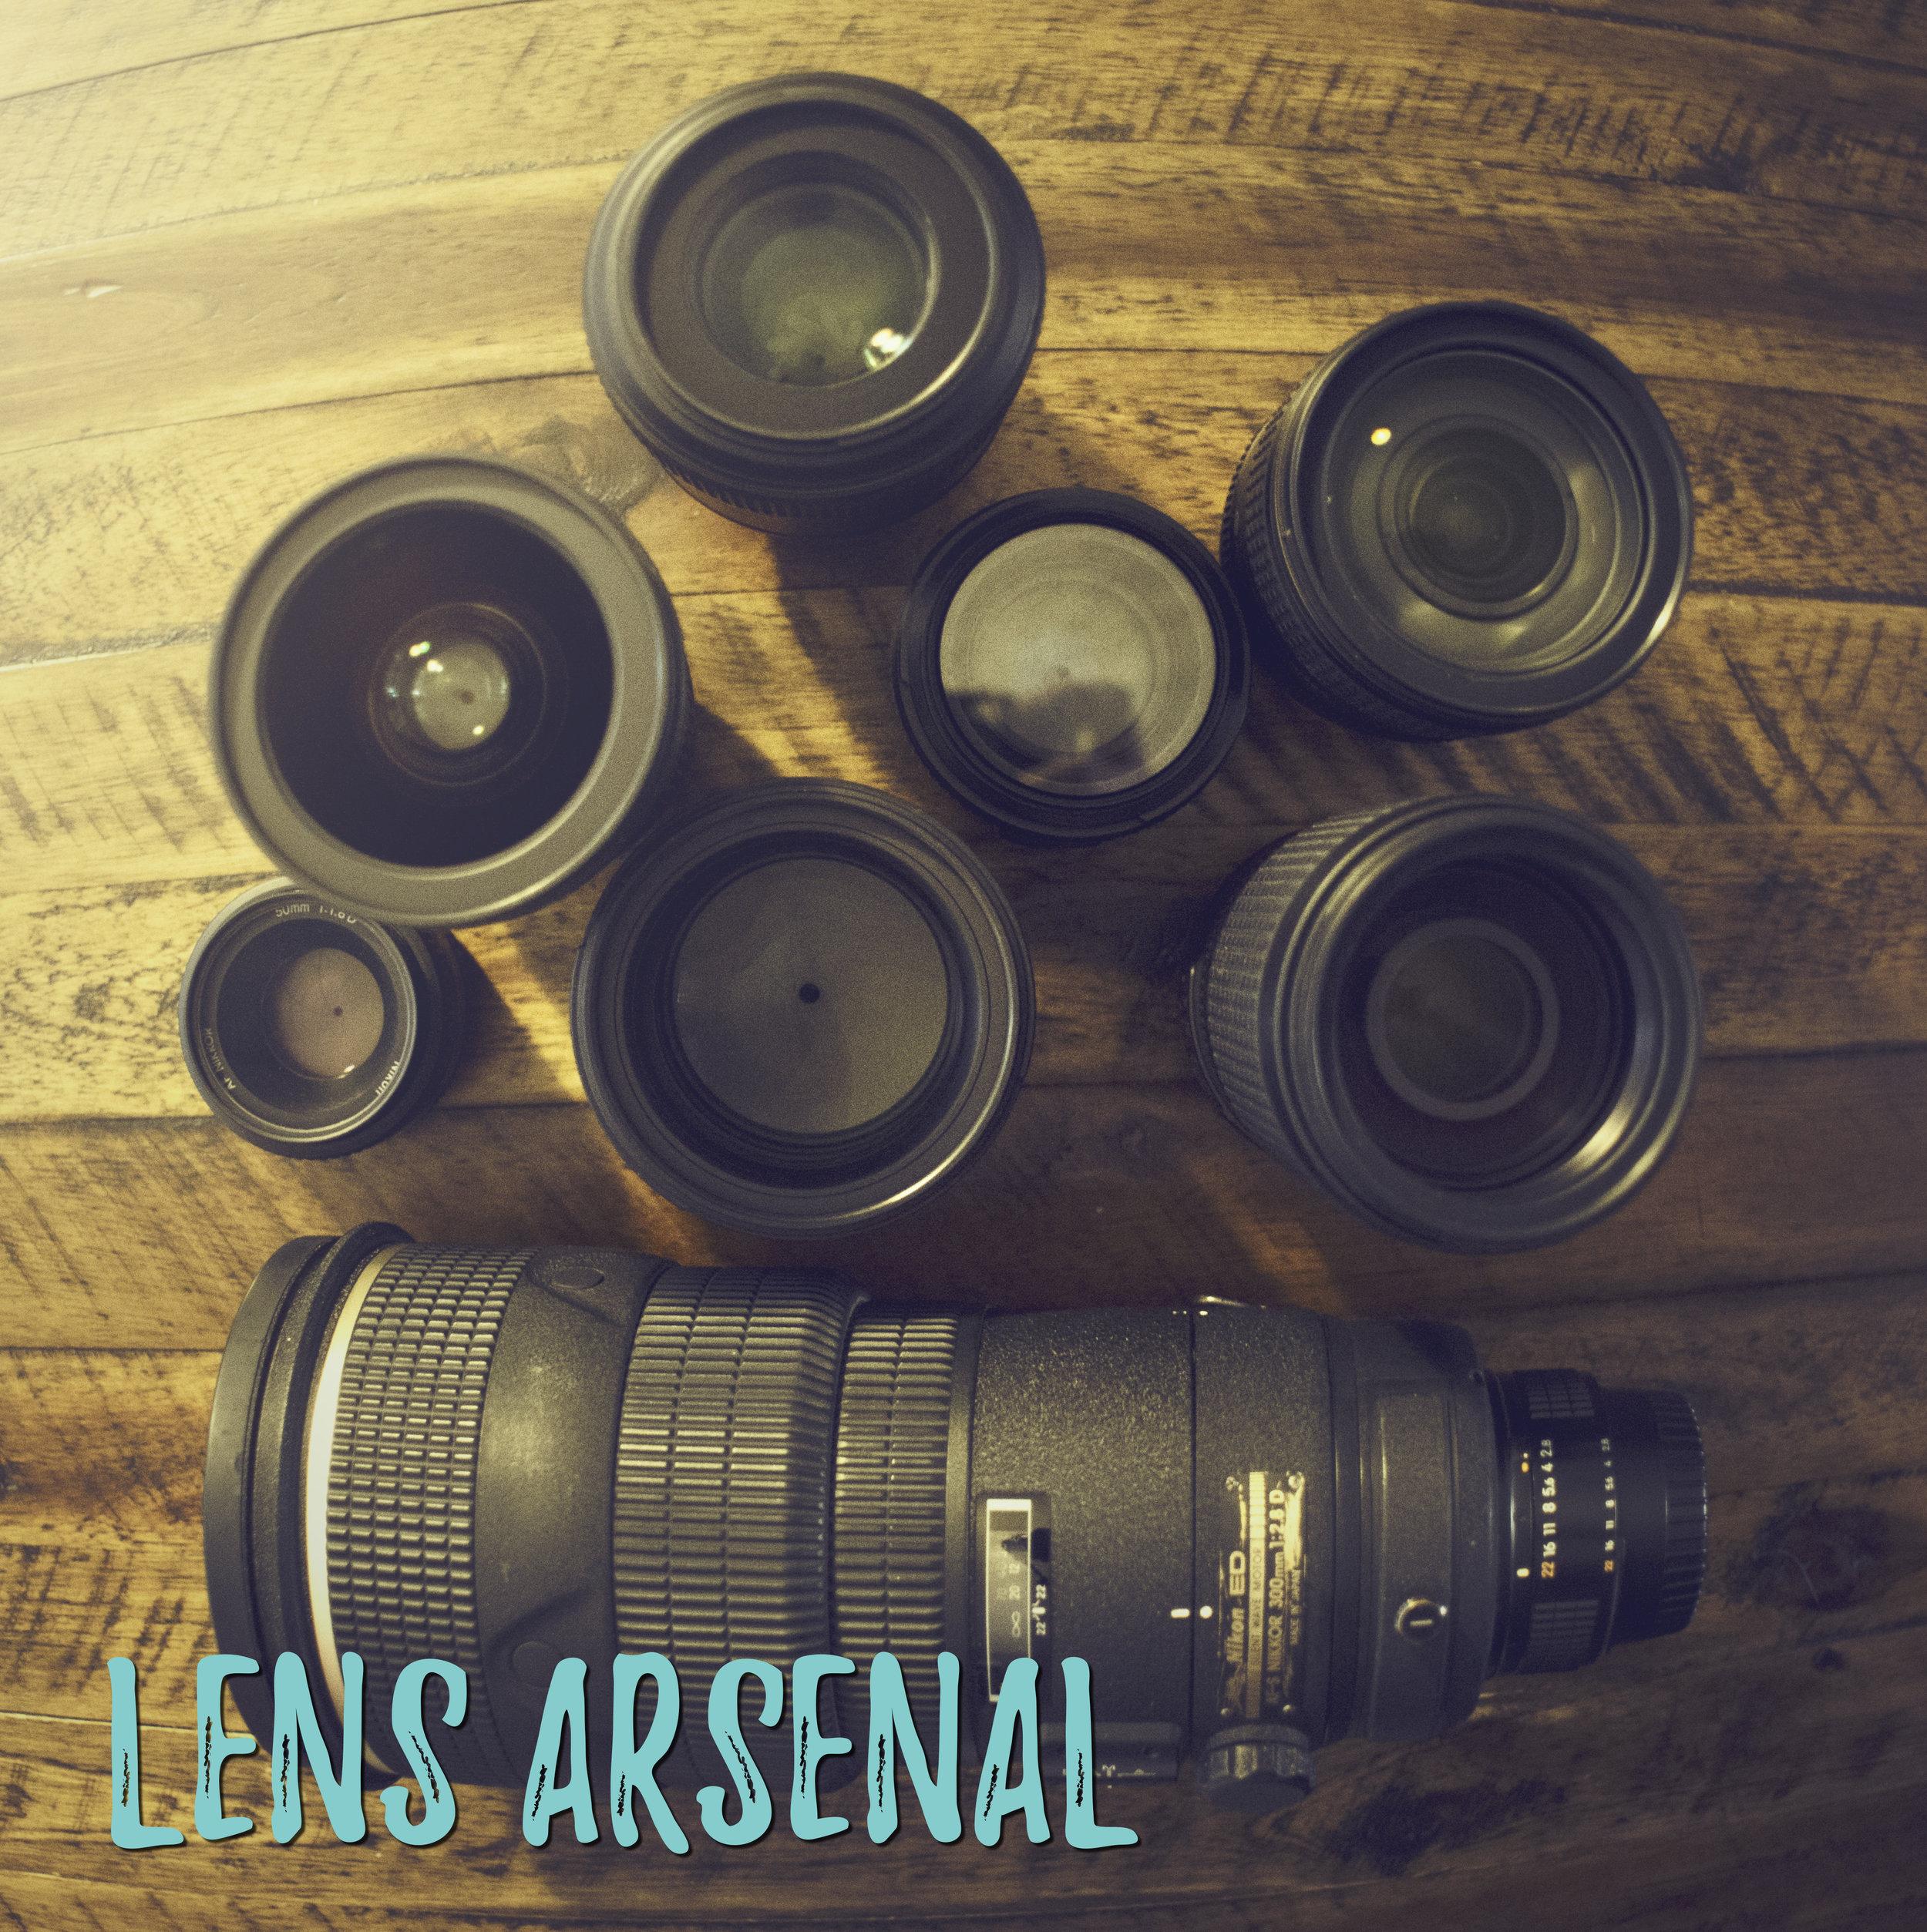 ayj-camera-bag-lenses.jpg